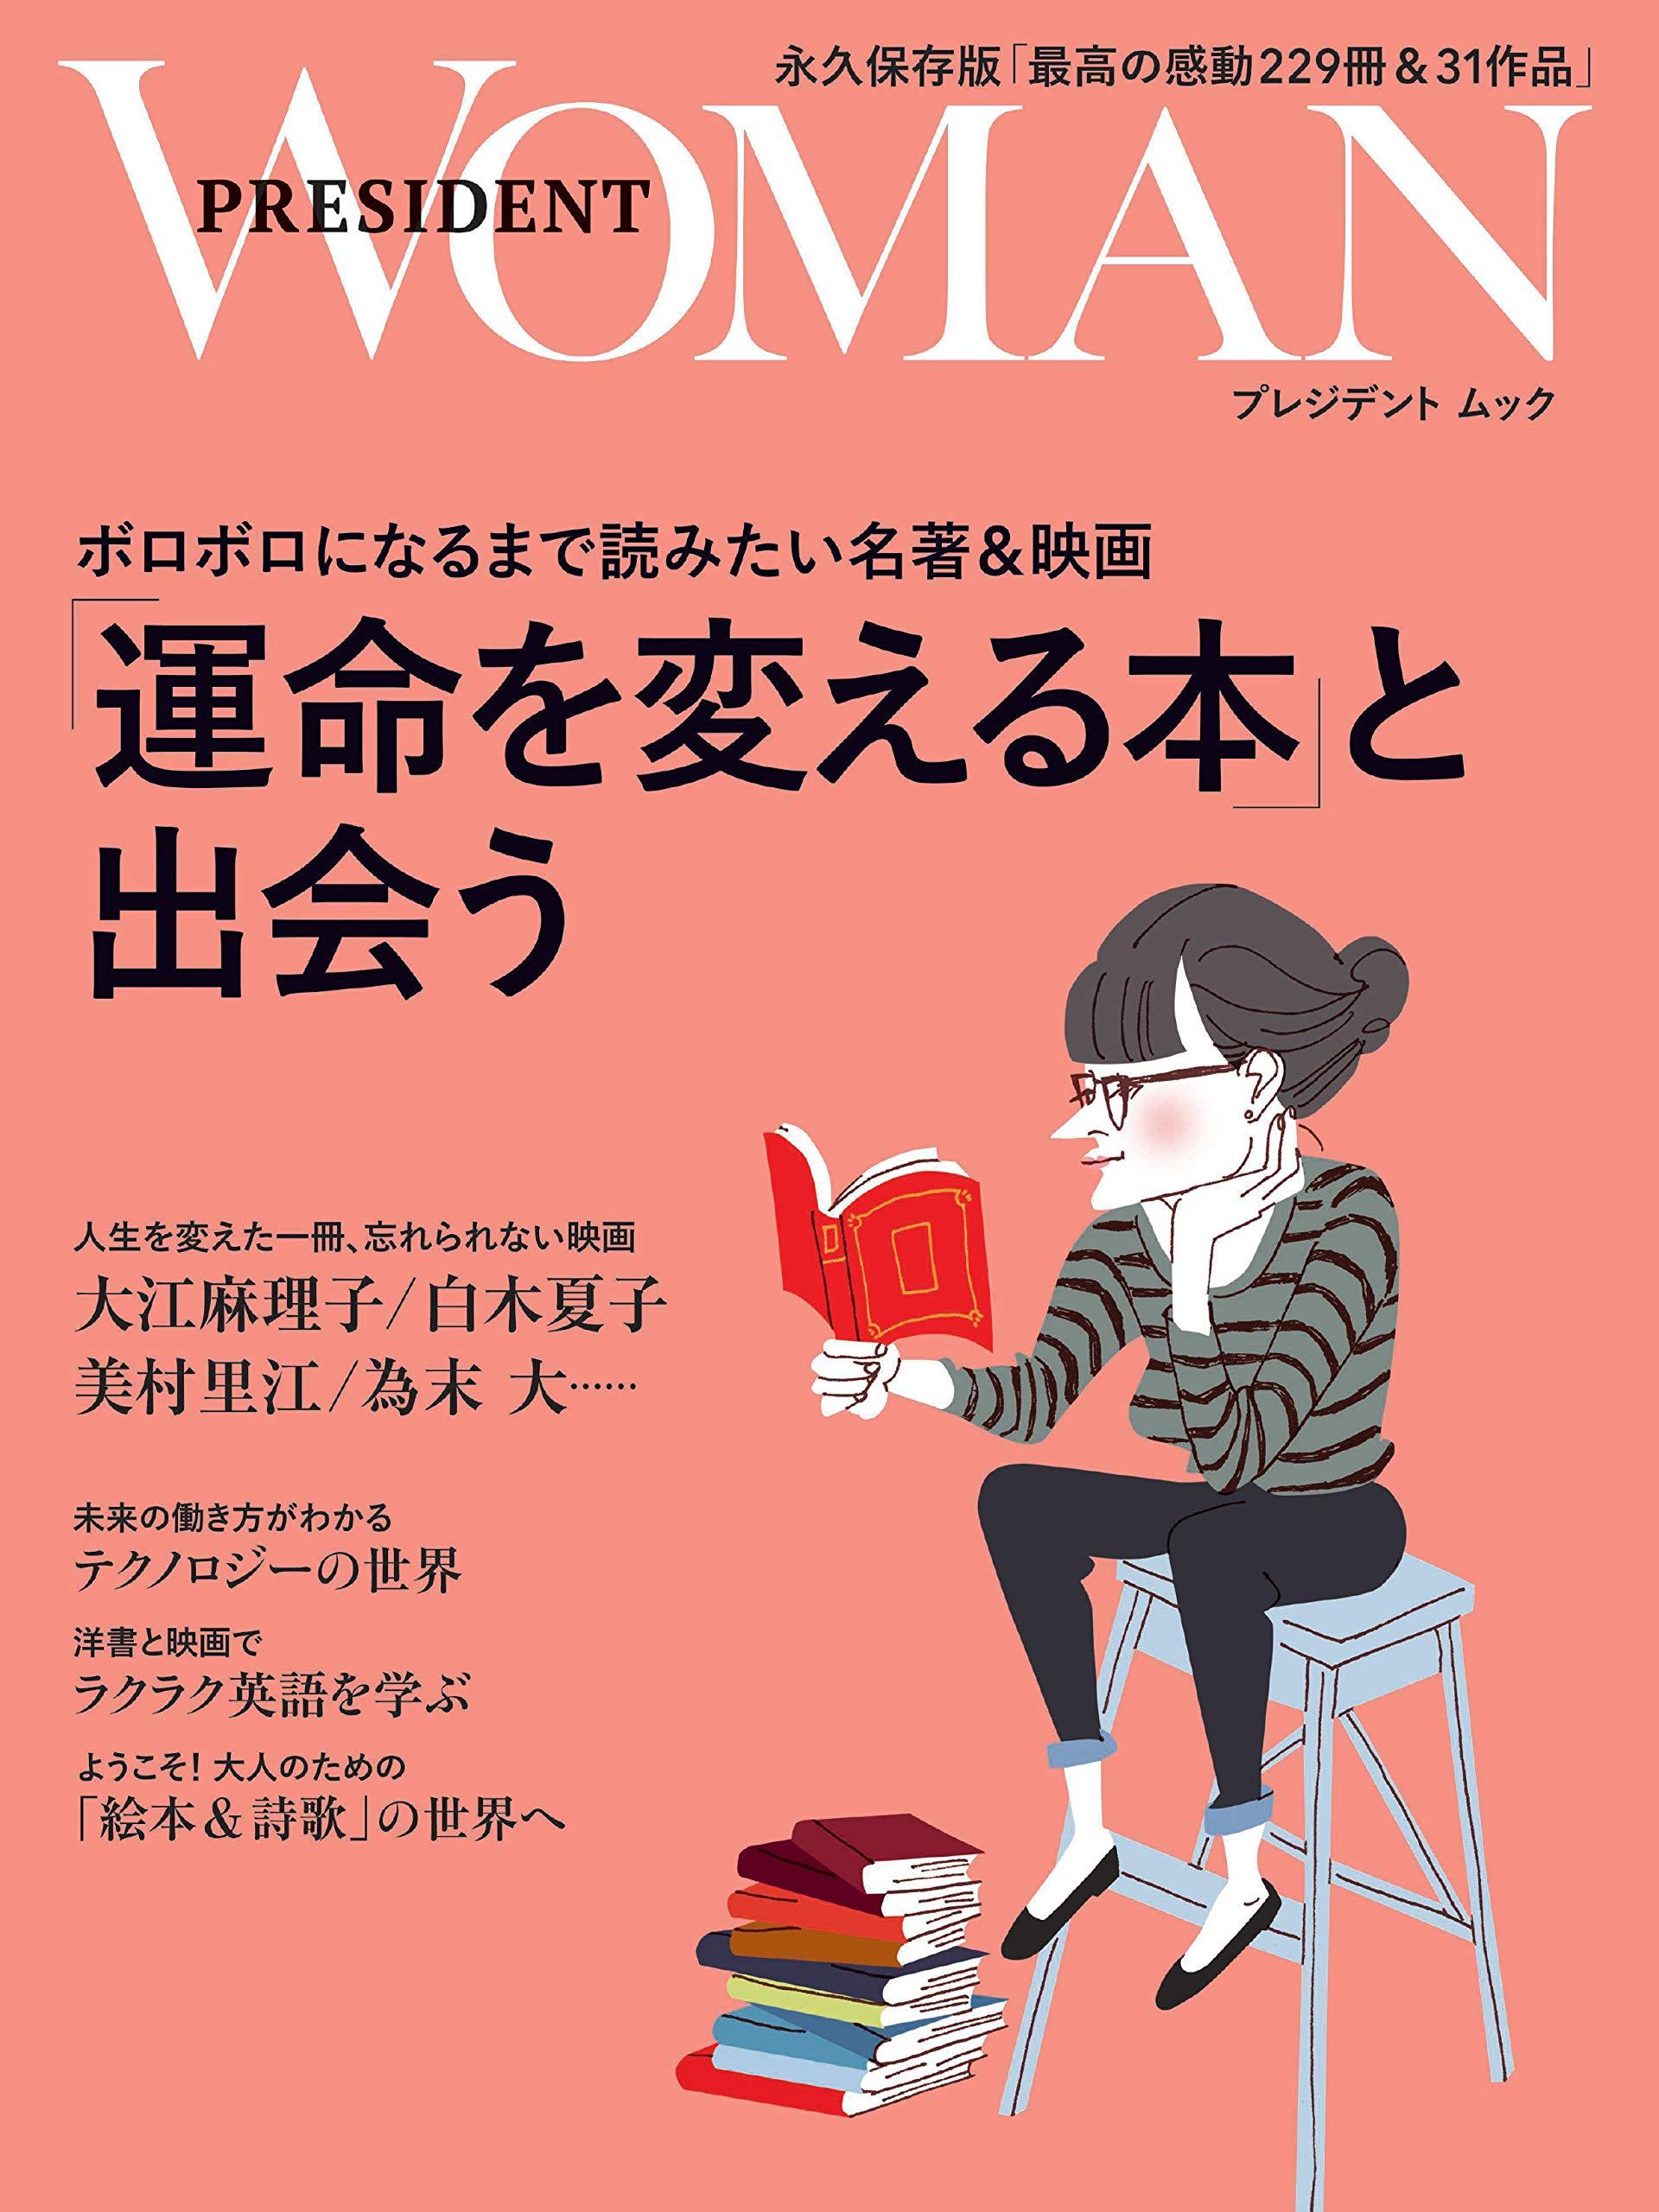 年収 美恵子 中 林 株式会社マーキュリーの口コミ・評判(一覧)|エン ライトハウス